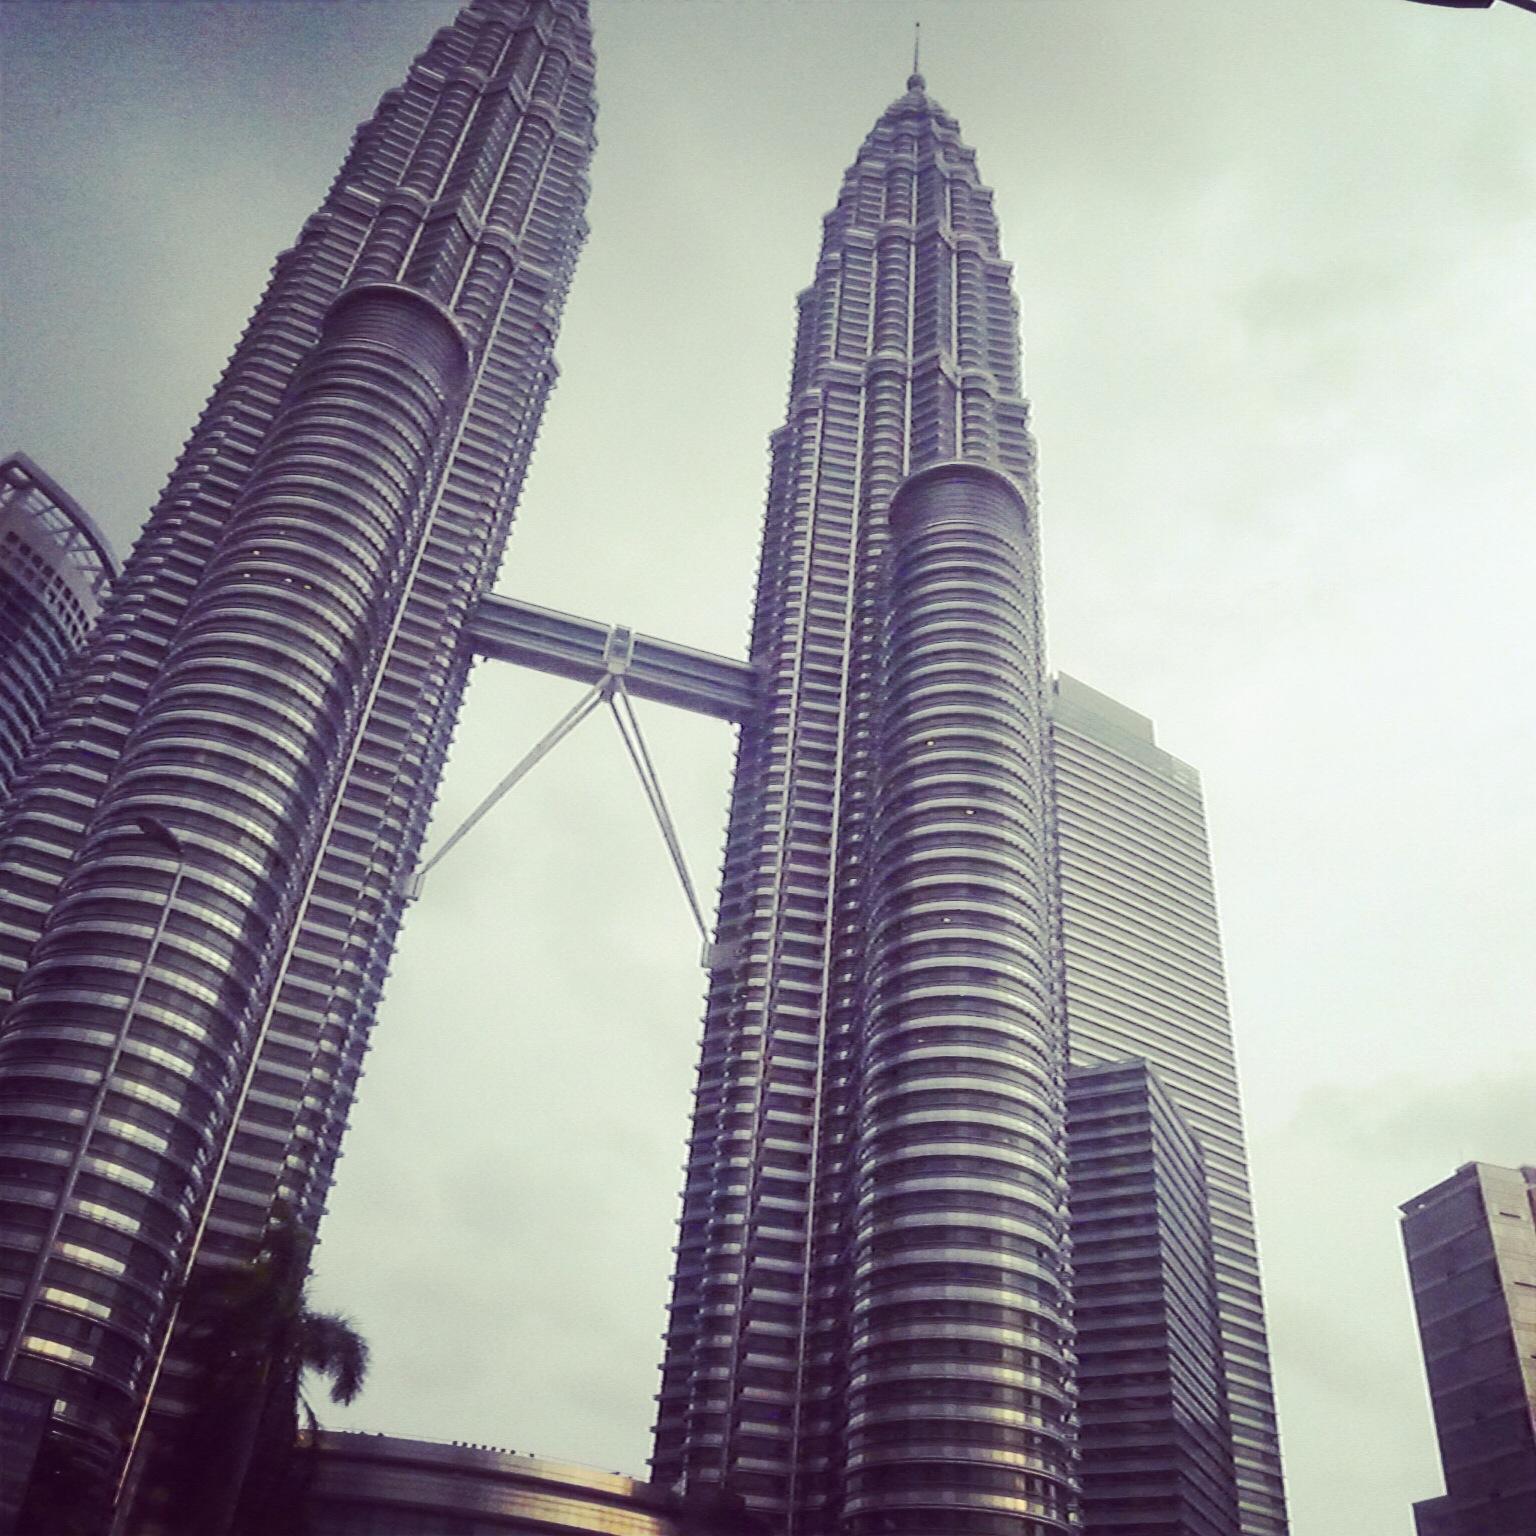 双子塔~吉隆坡多元化的建筑风格